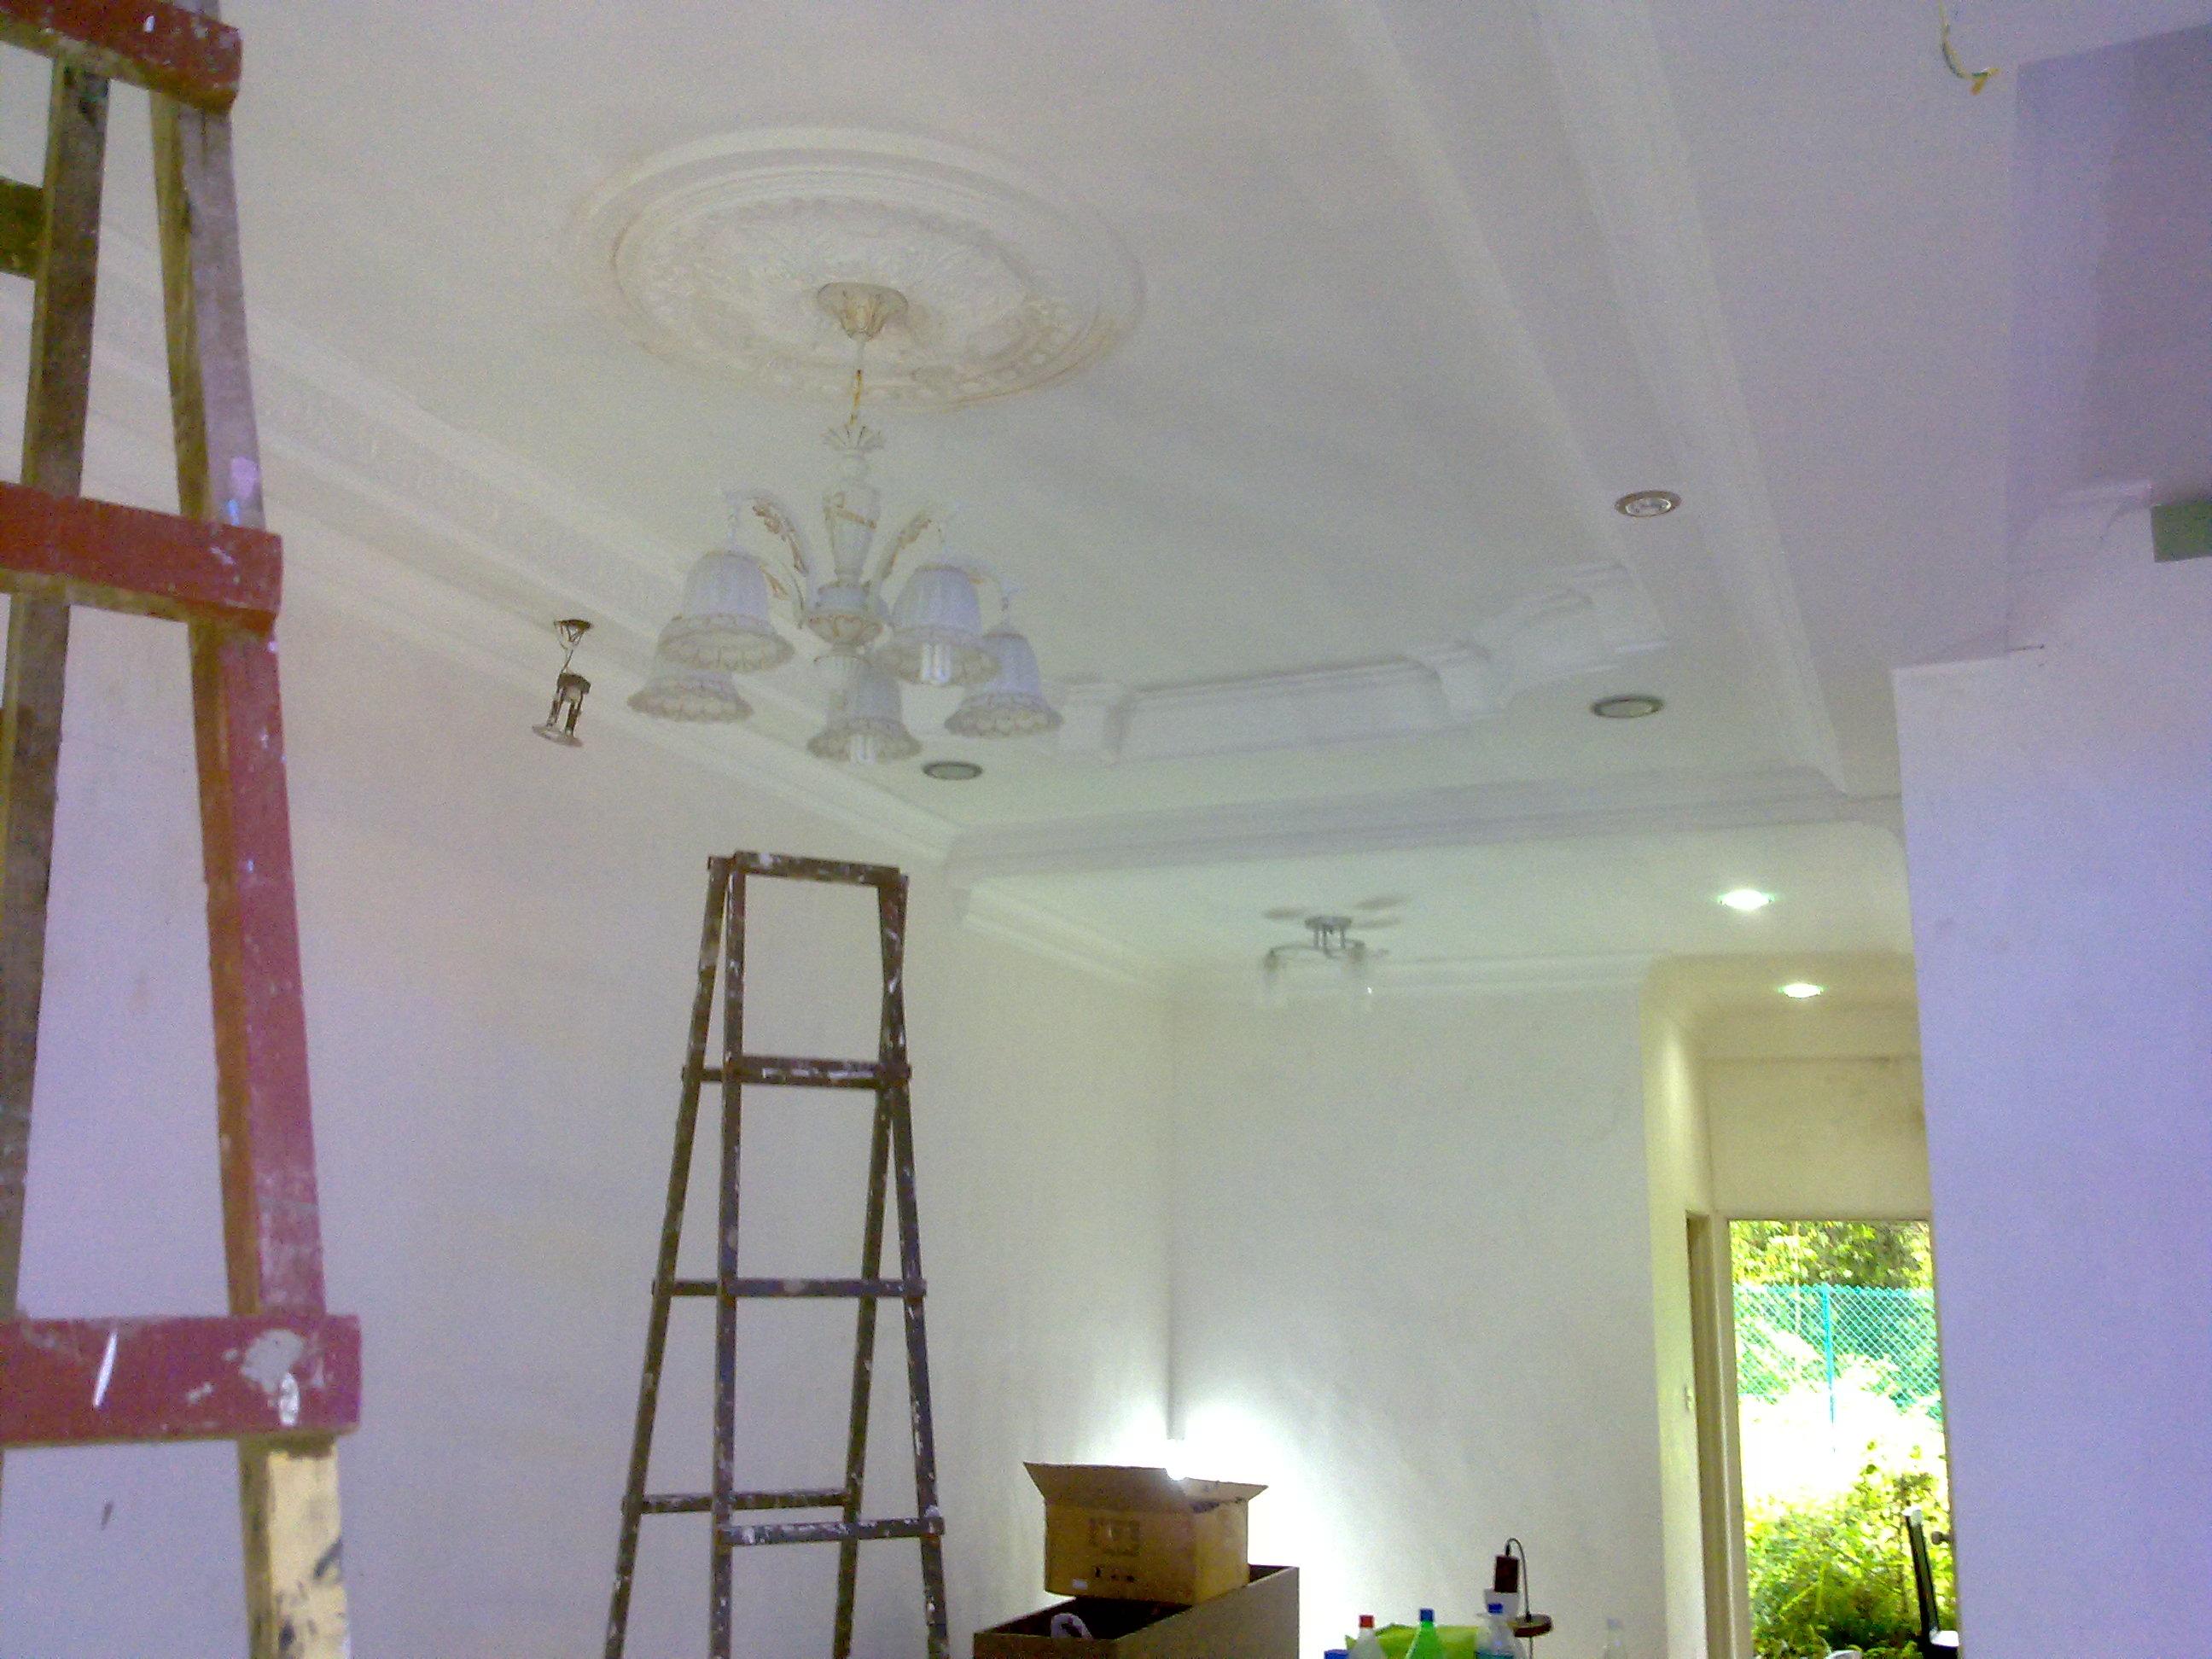 plaster siling sabah